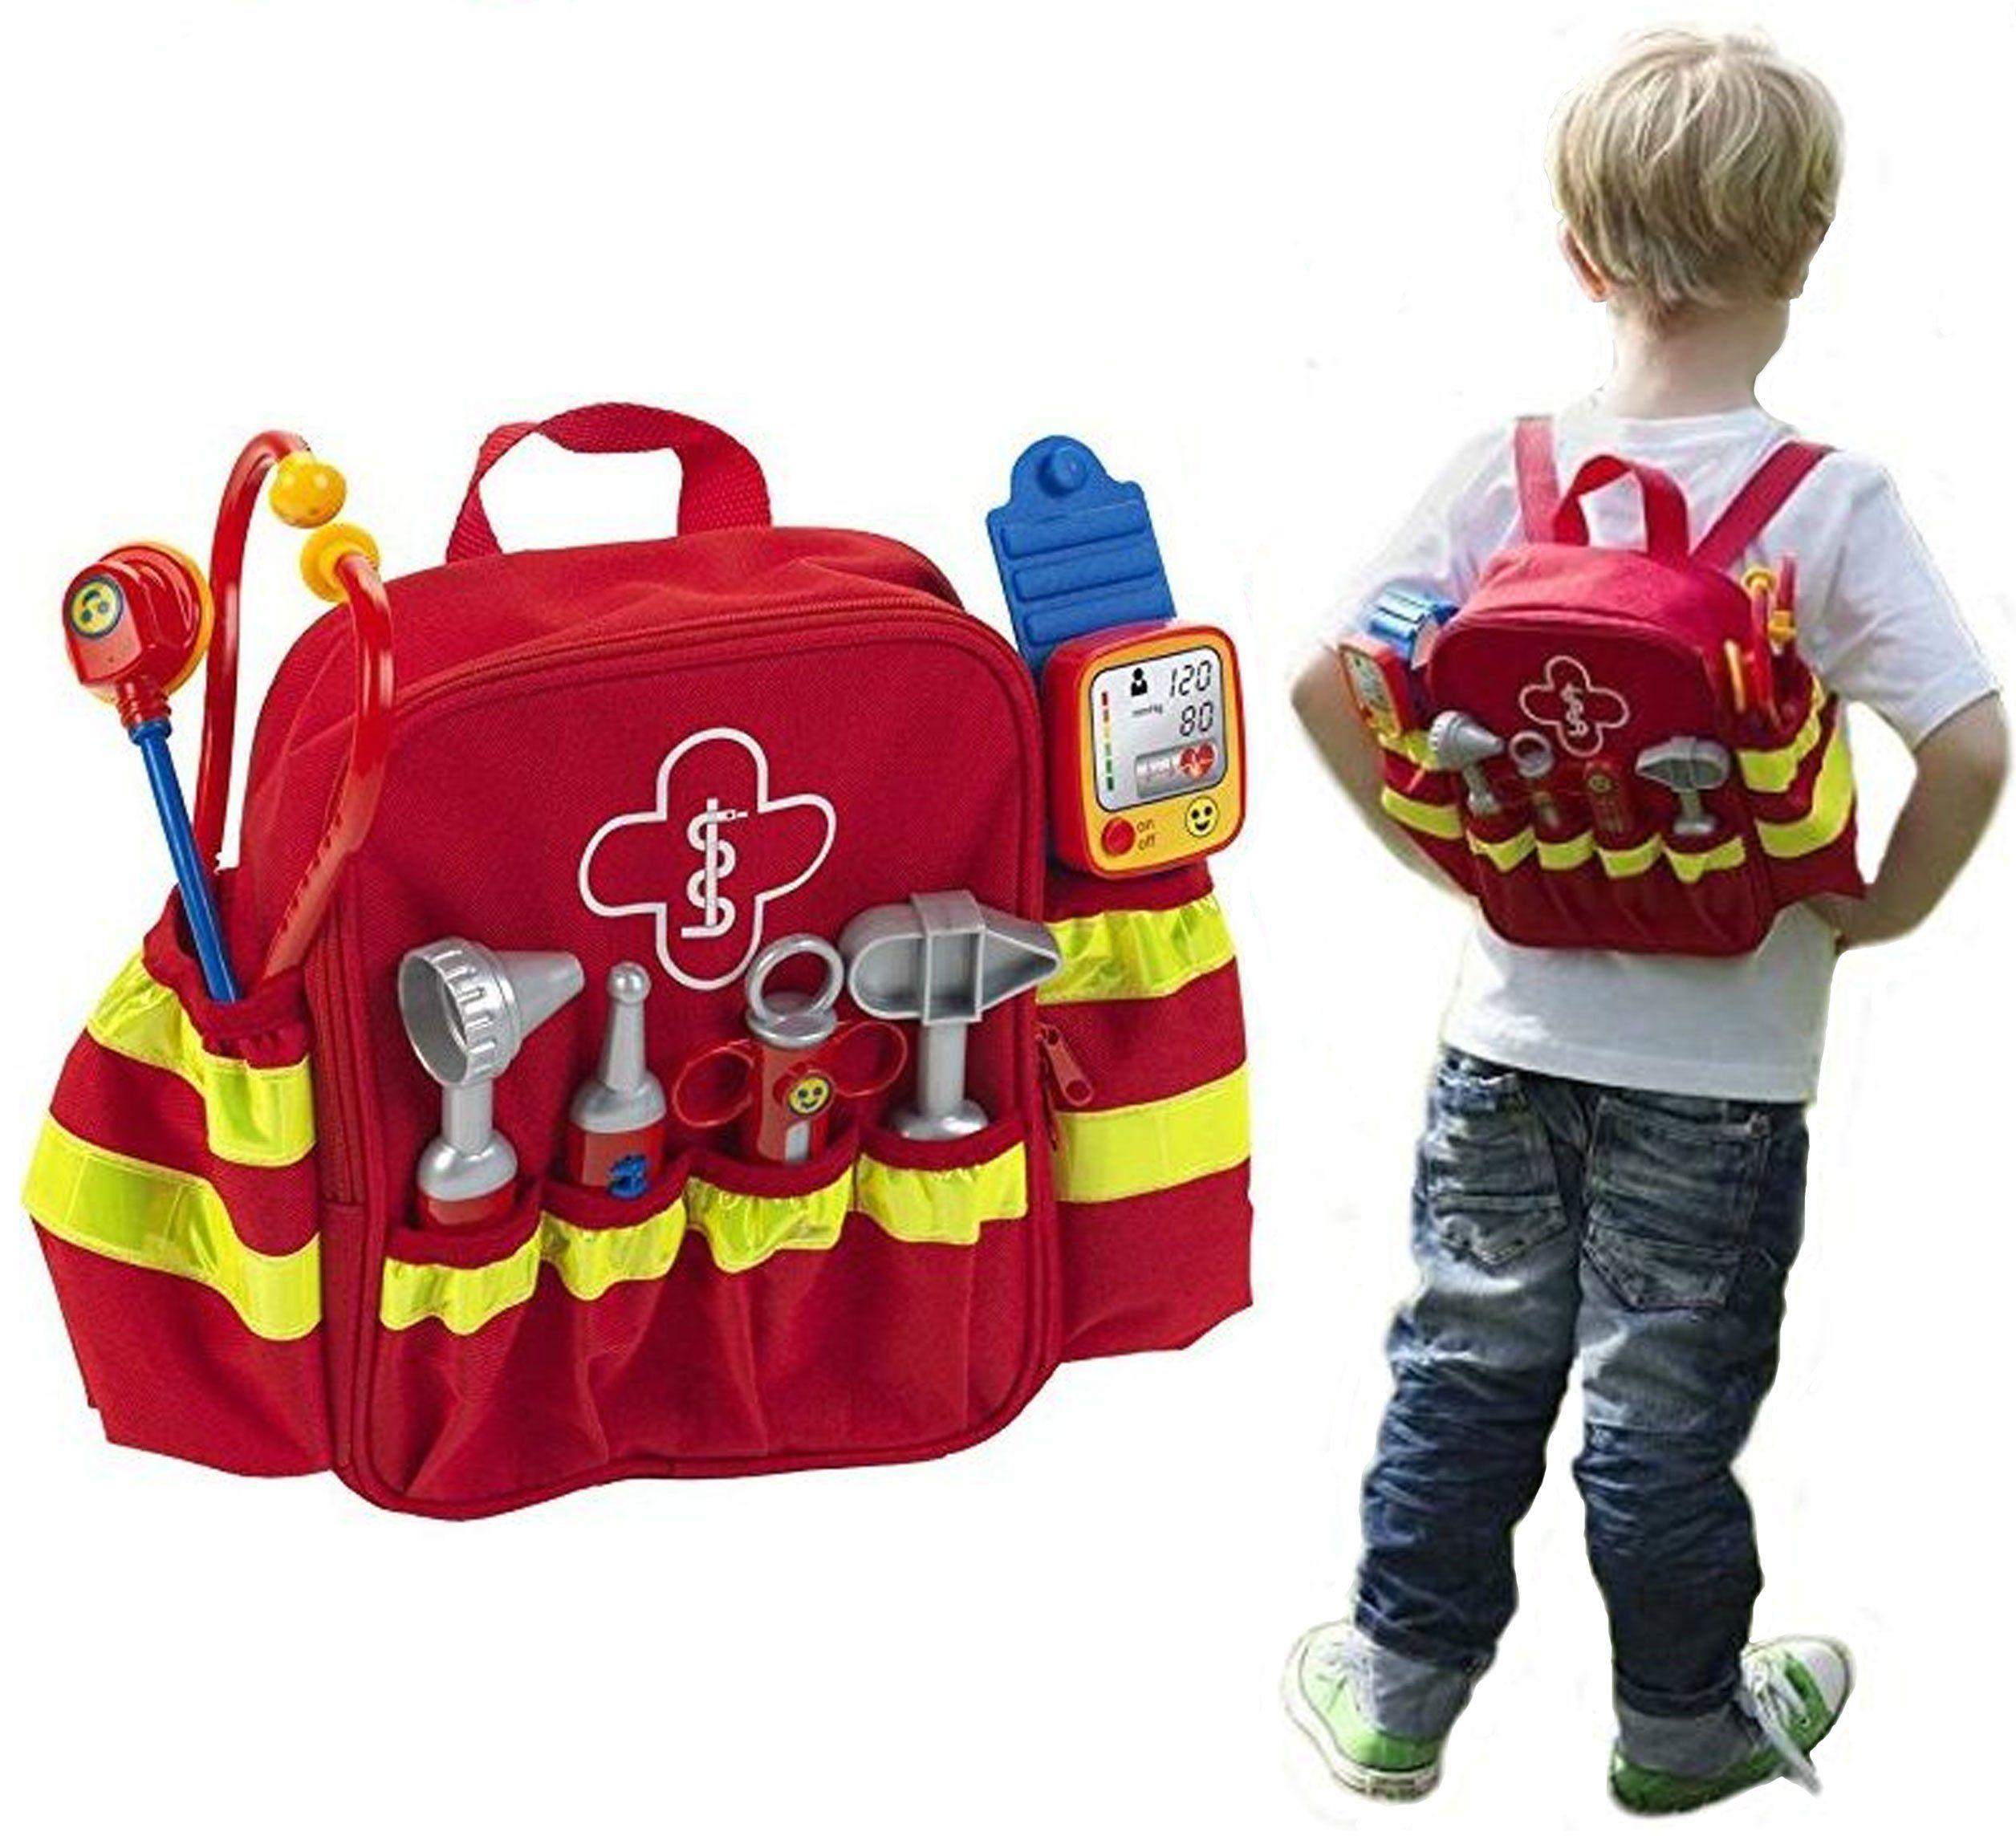 Zobacz Mega Promocje Plecak Lekarski Z Wyposazeniem Dla Dzieci